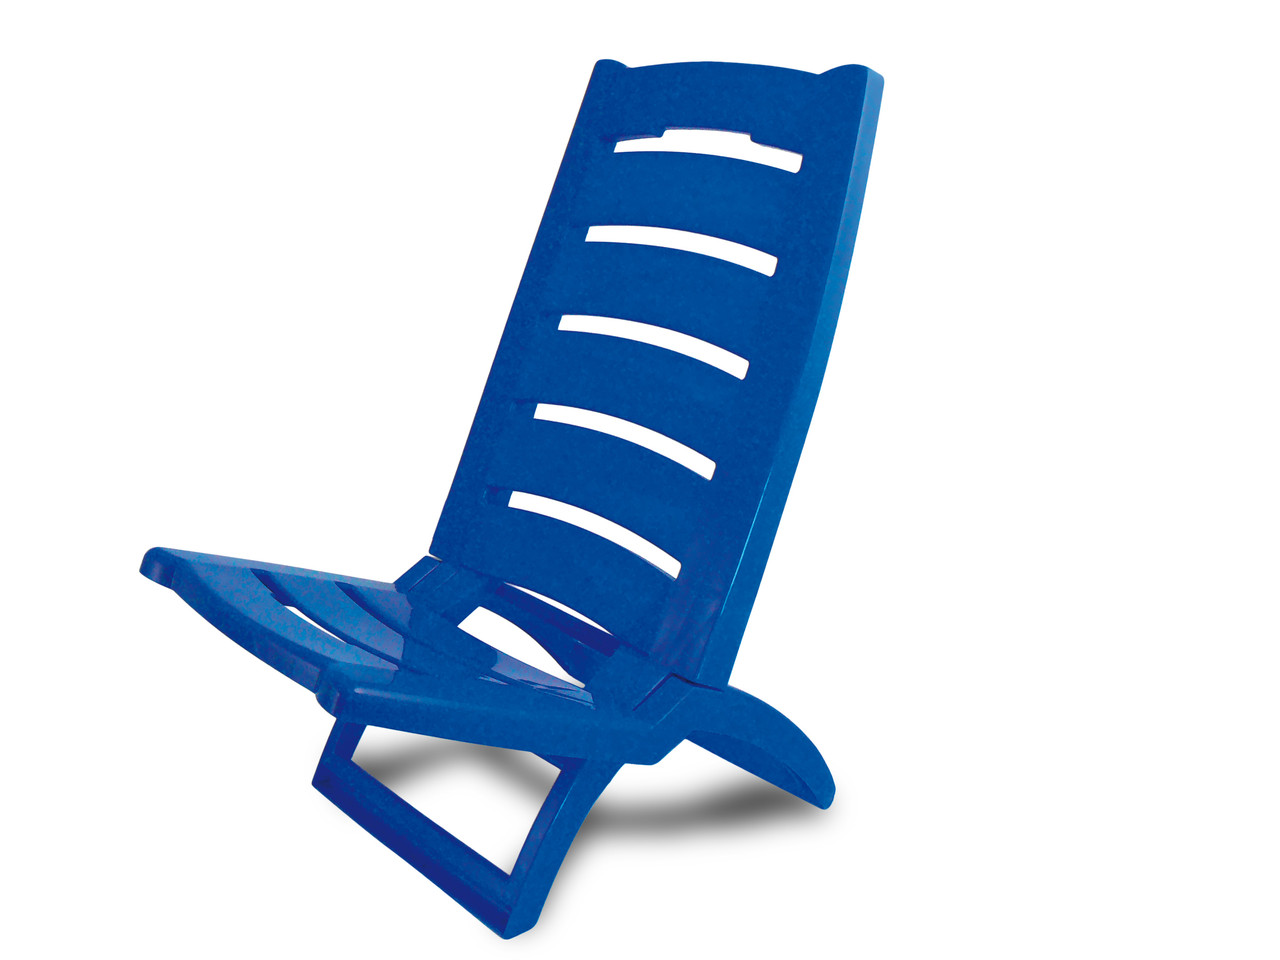 Стул пляжный Adriatic синий